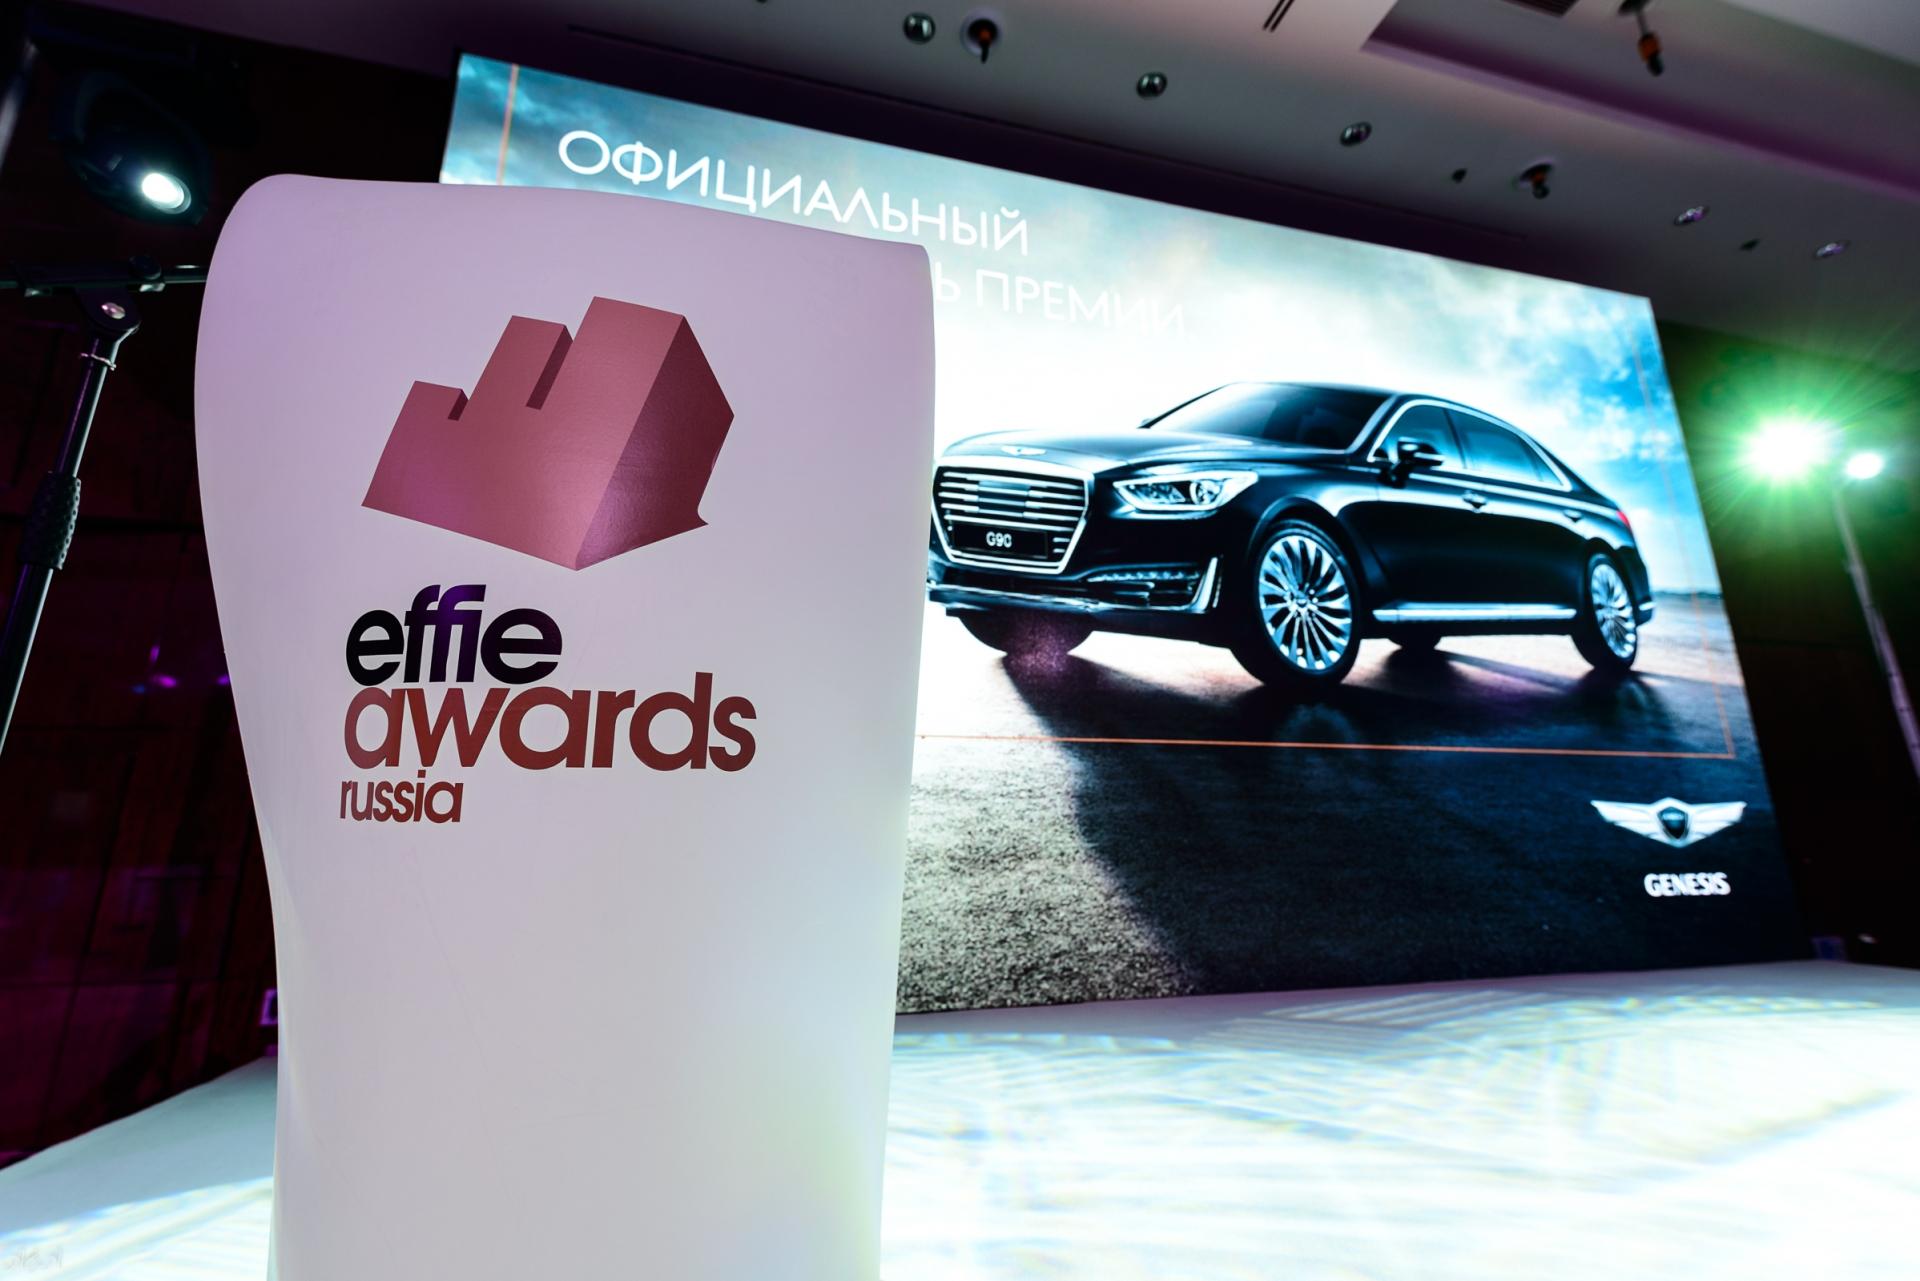 Фото бренд genesis выступил официальным автомобильным партнером effie awards russia 2017